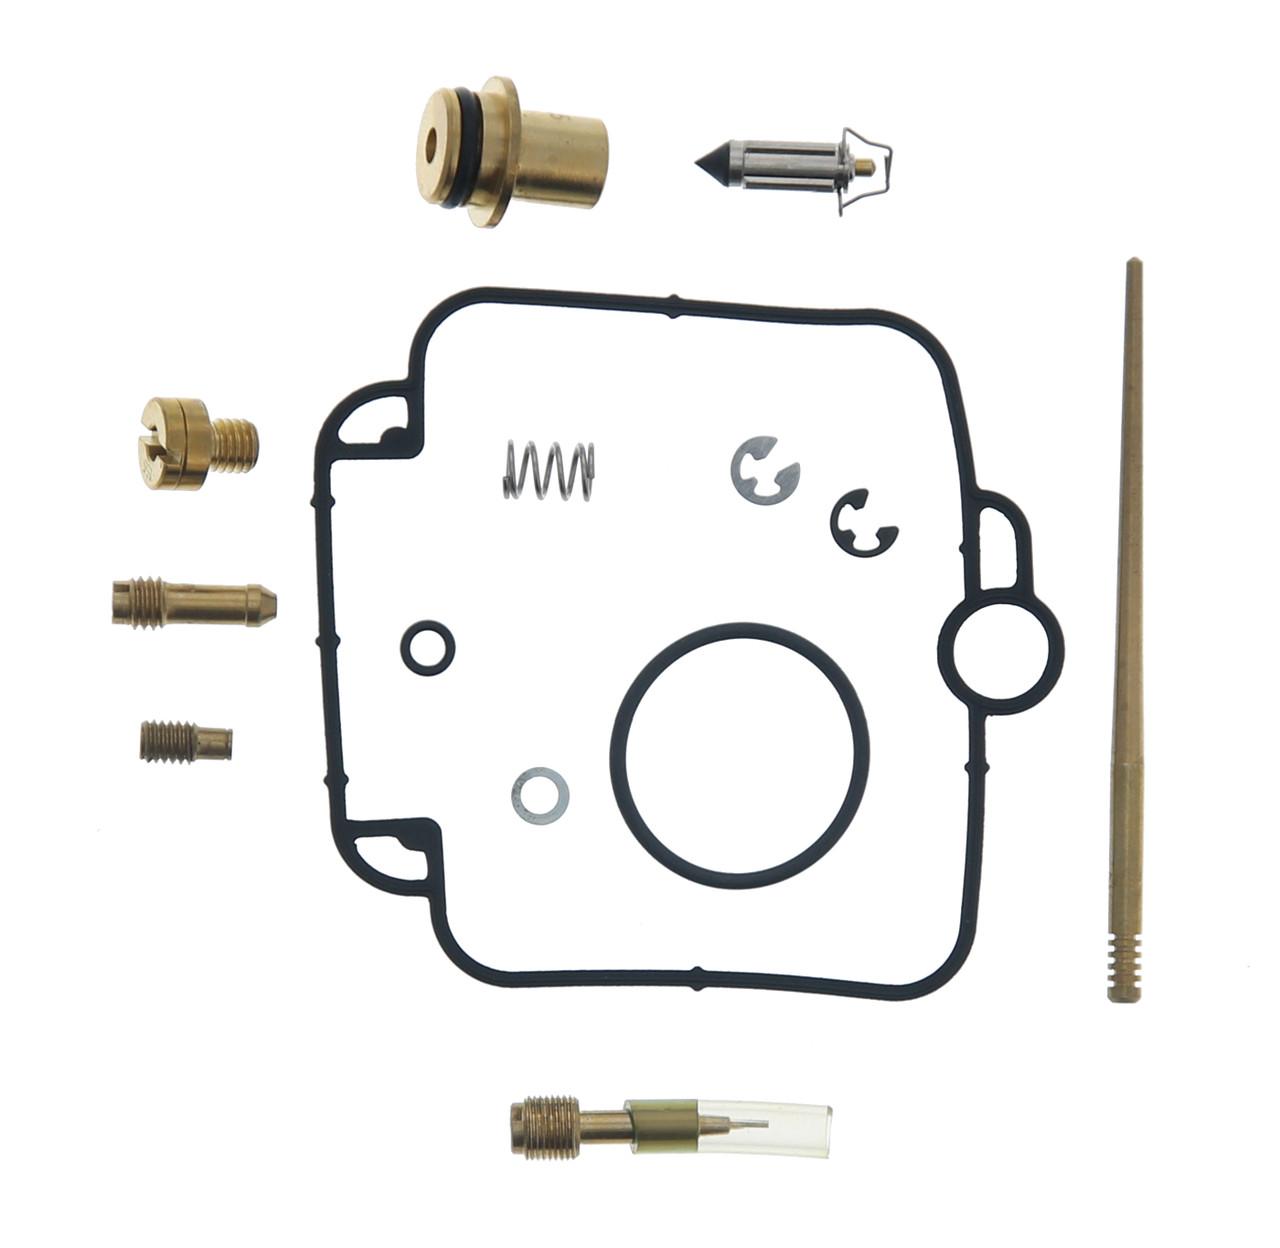 hight resolution of carburetor repair kit carb kit fits 1998 2002 polaris 500 scrambler 500 4x4